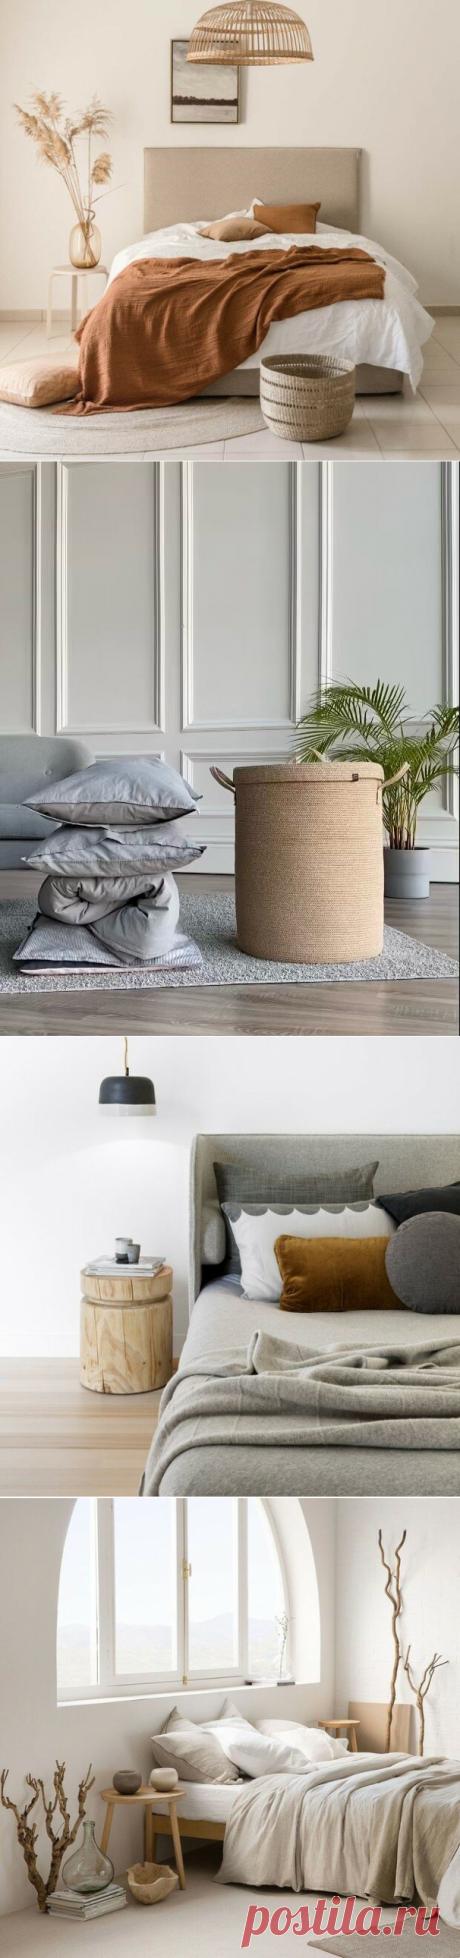 Джапанди: как использовать этот ультрамодный стиль в интерьере спальни | ELLE Decoration | Яндекс Дзен